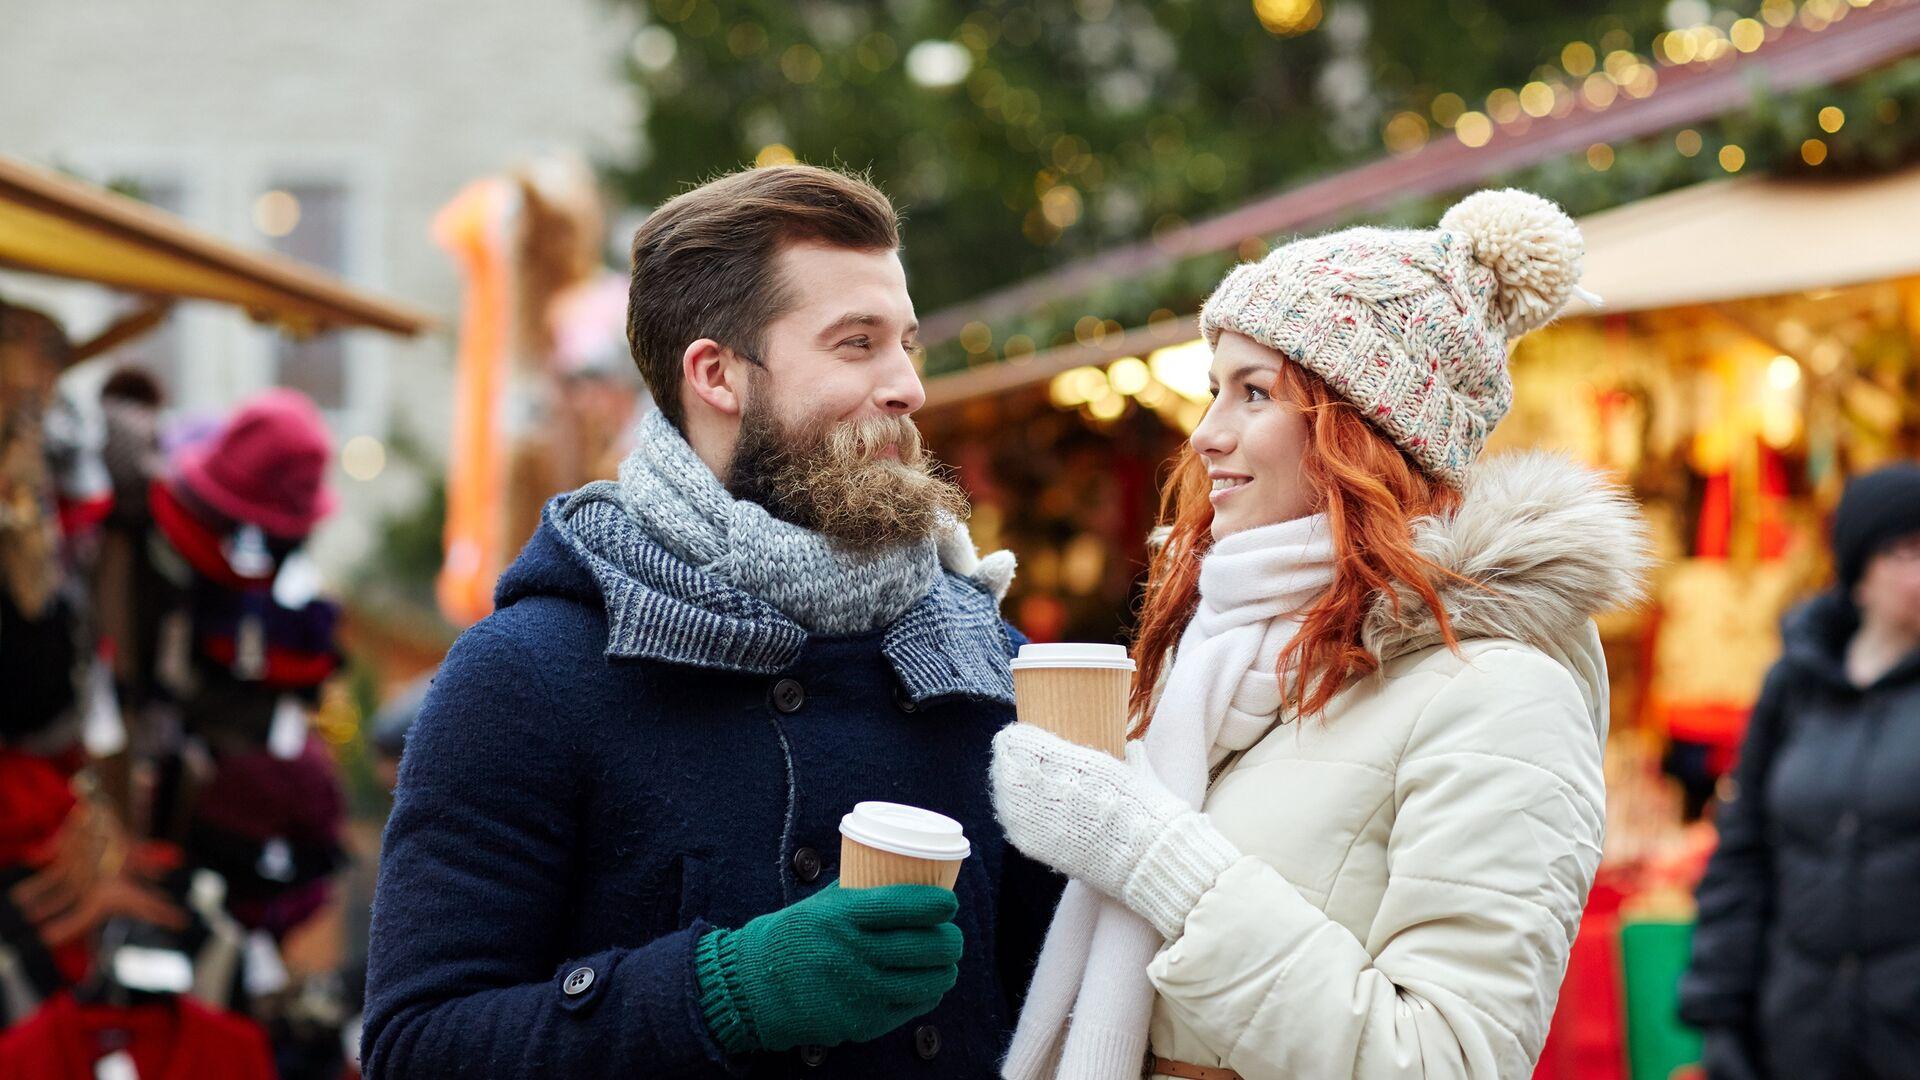 Счастливая пара пьет кофе на улице  - РИА Новости, 1920, 21.11.2020